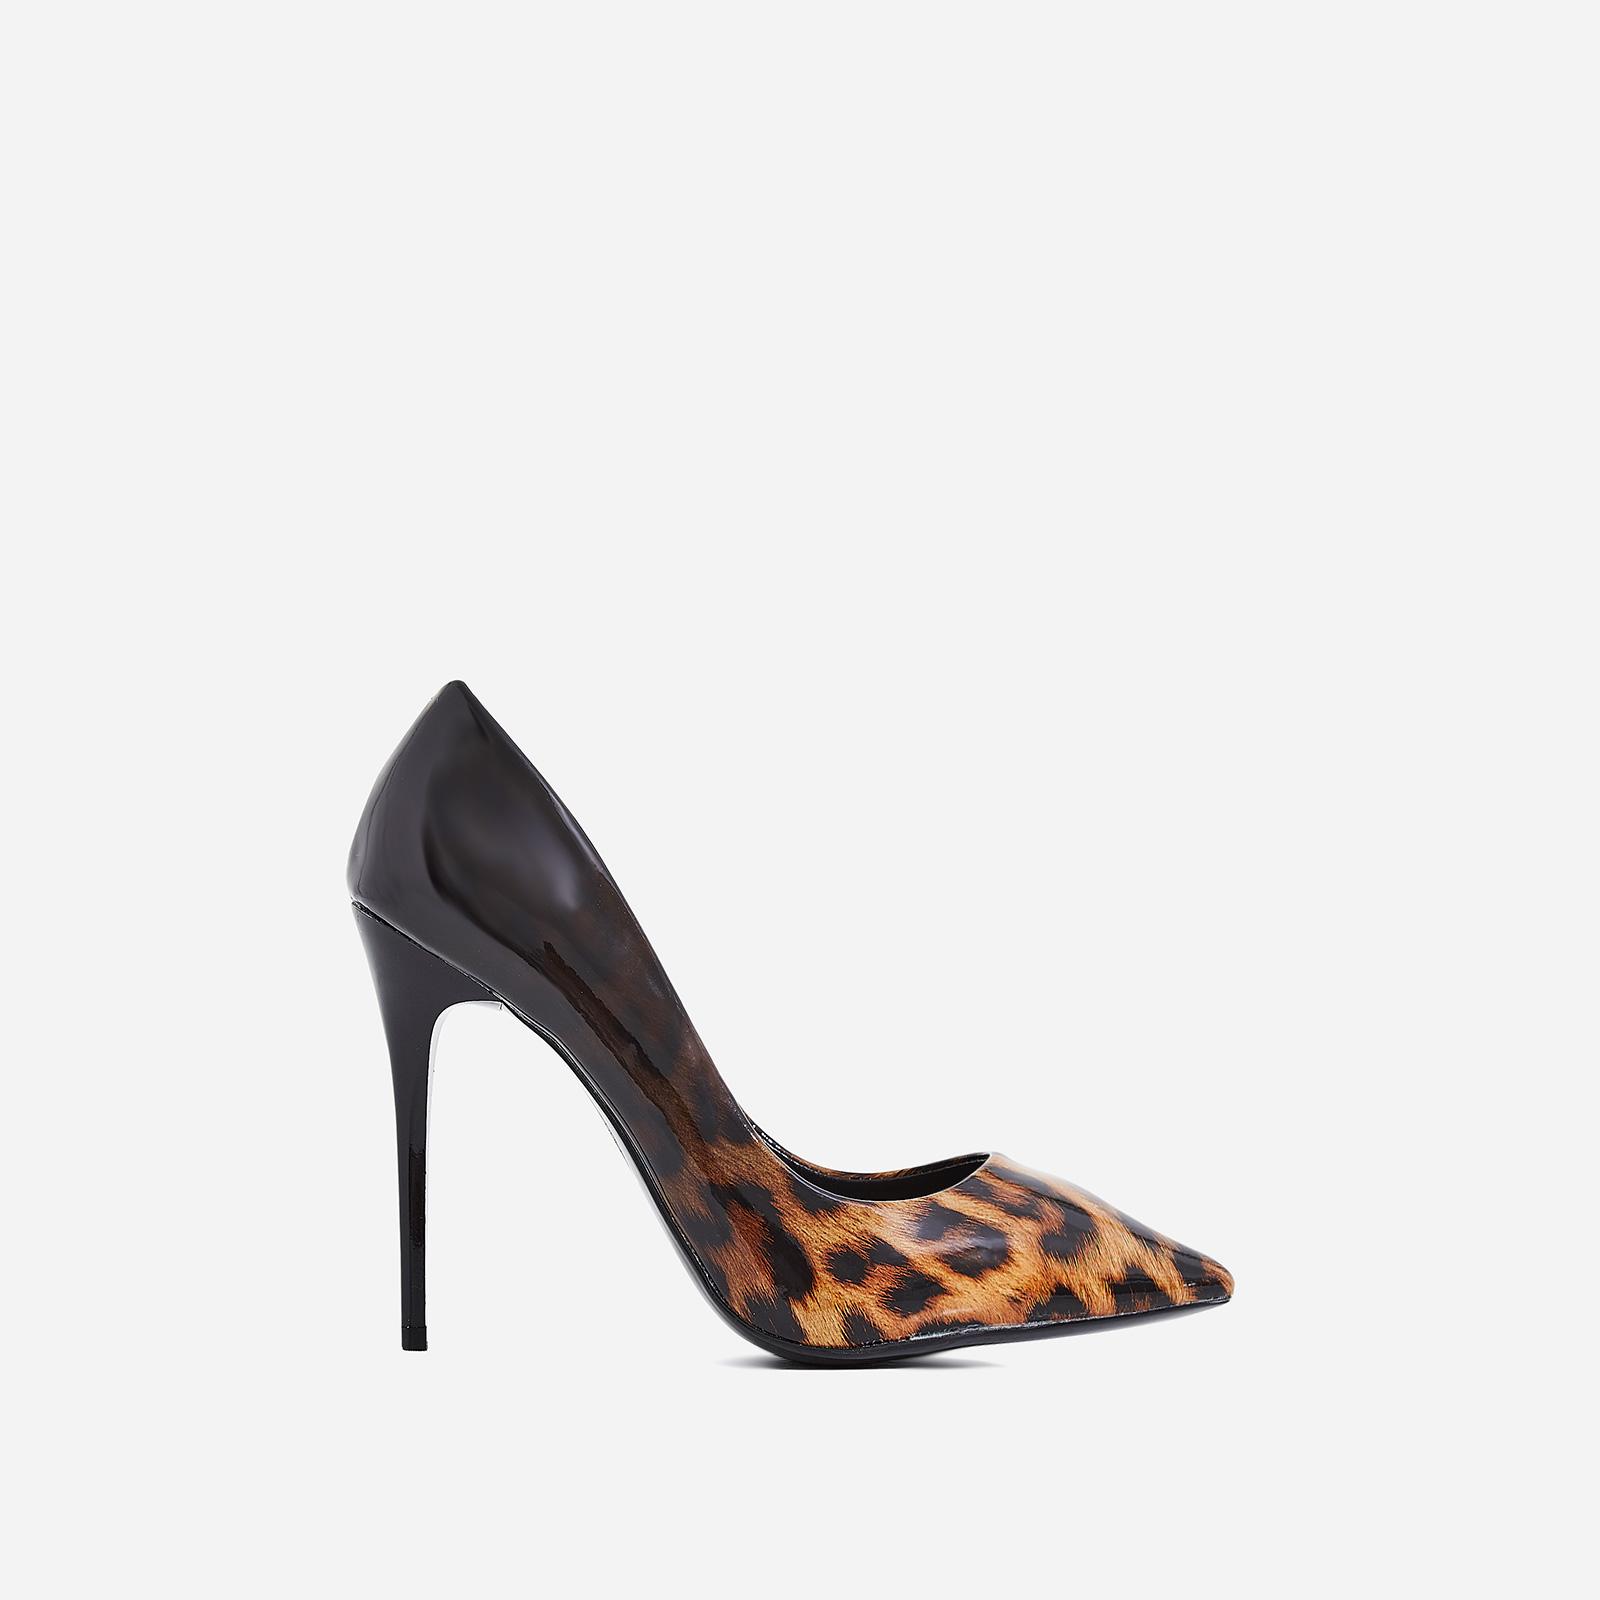 Aleka Court Heel In Tan Leopard Print Patent